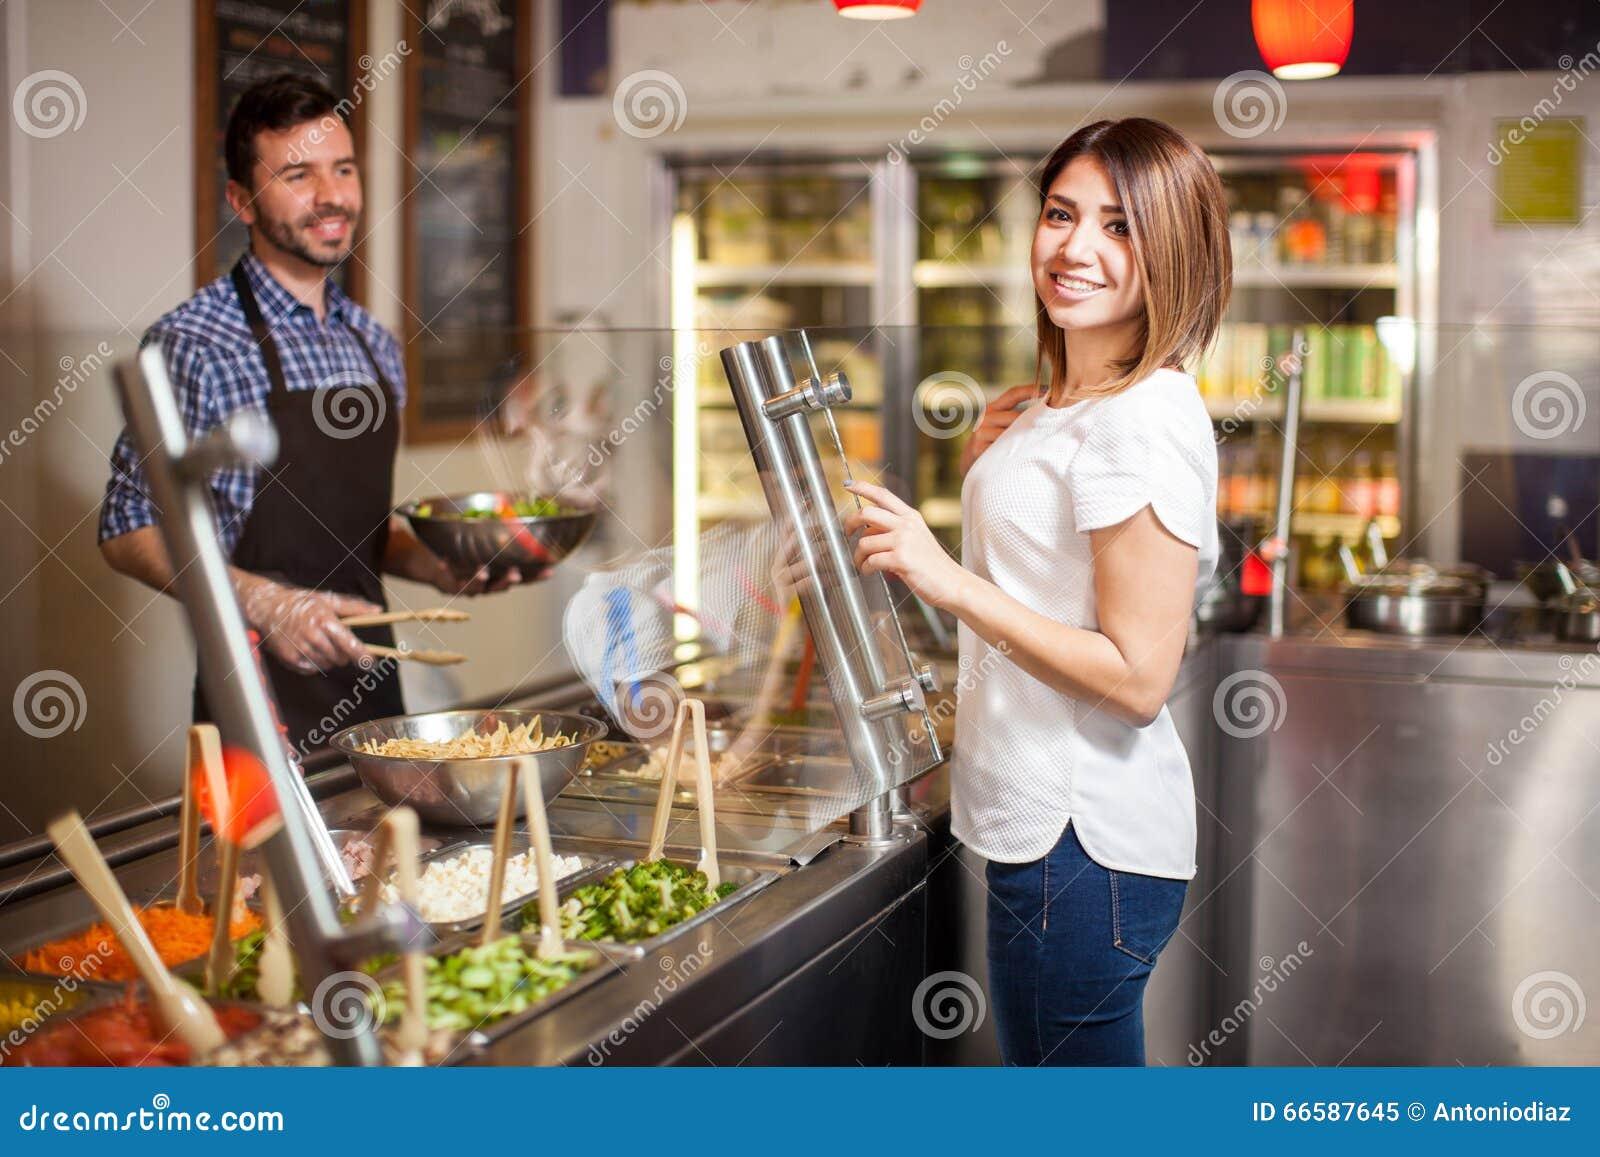 Leuke Spaanse vrouw bij een saladebar